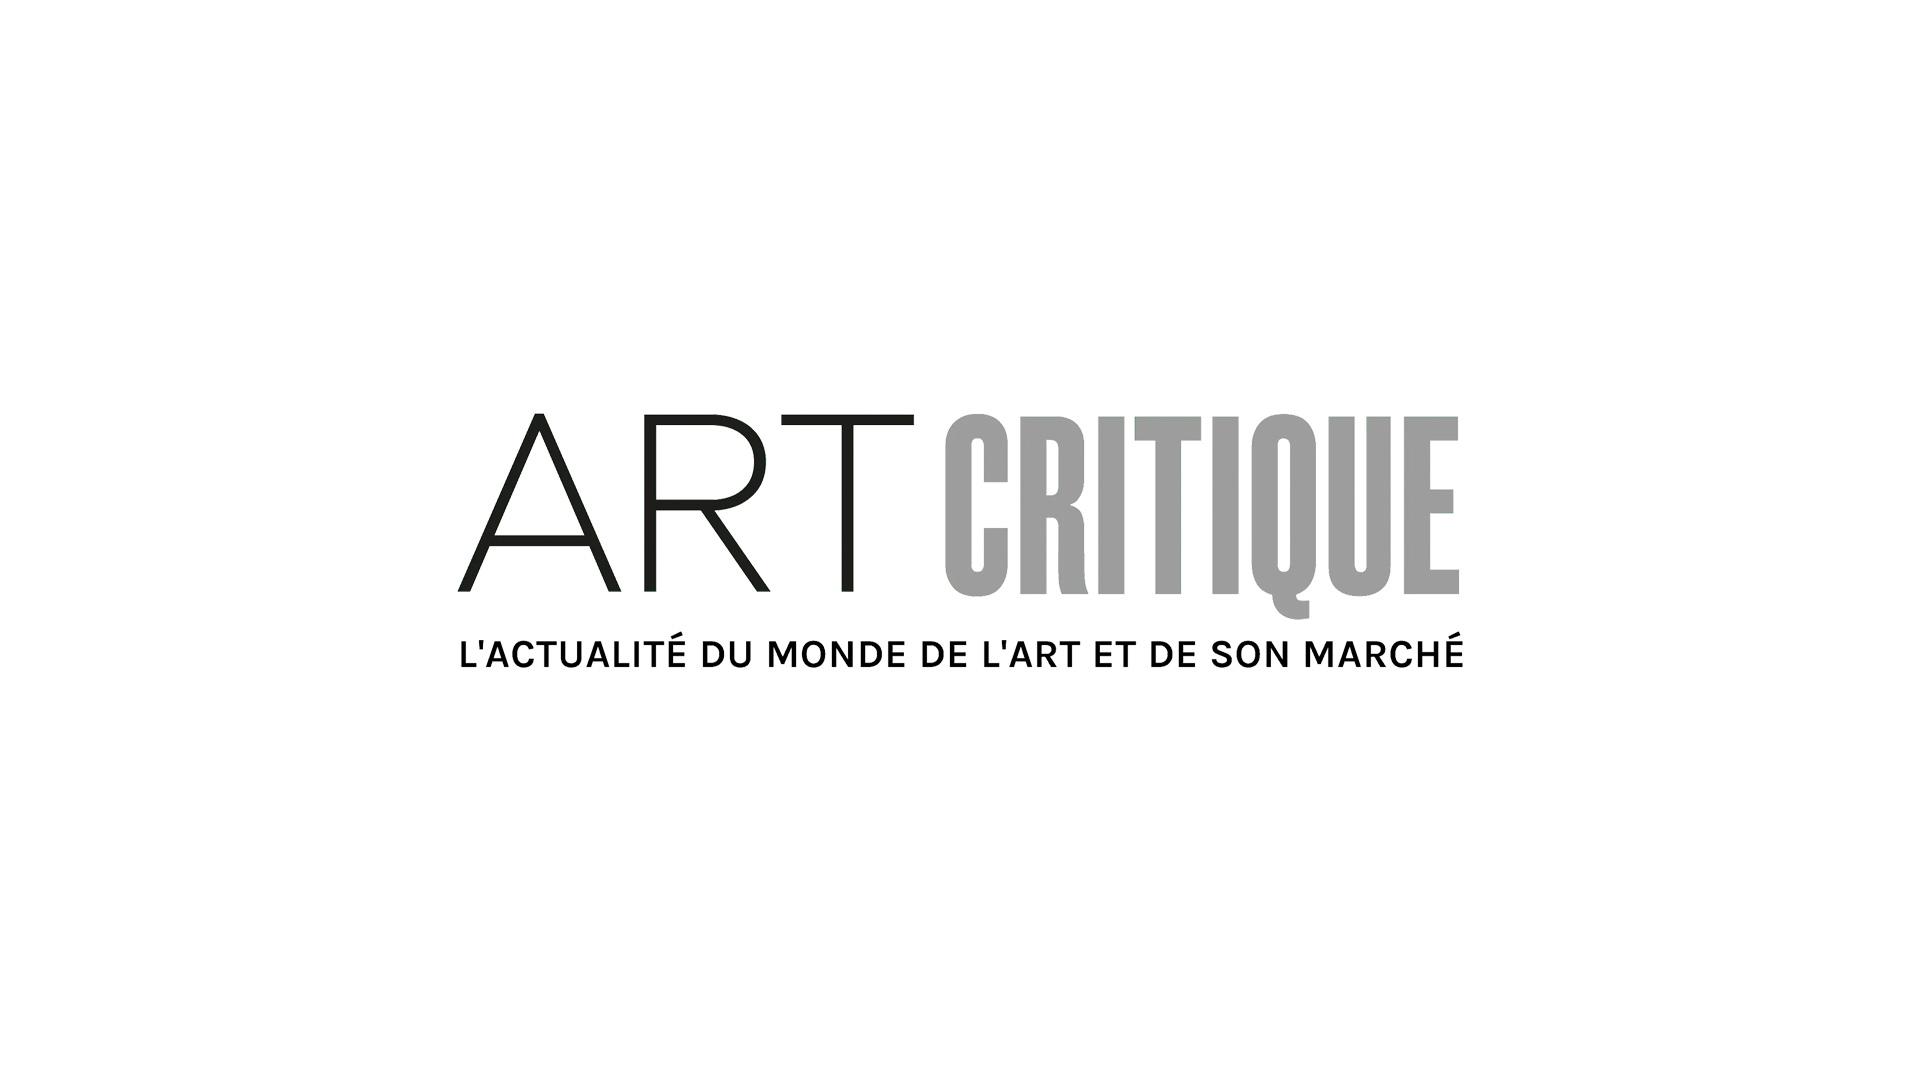 Le Petit Palais fait éblouir la peinture napolitaine avec Luca Giordano